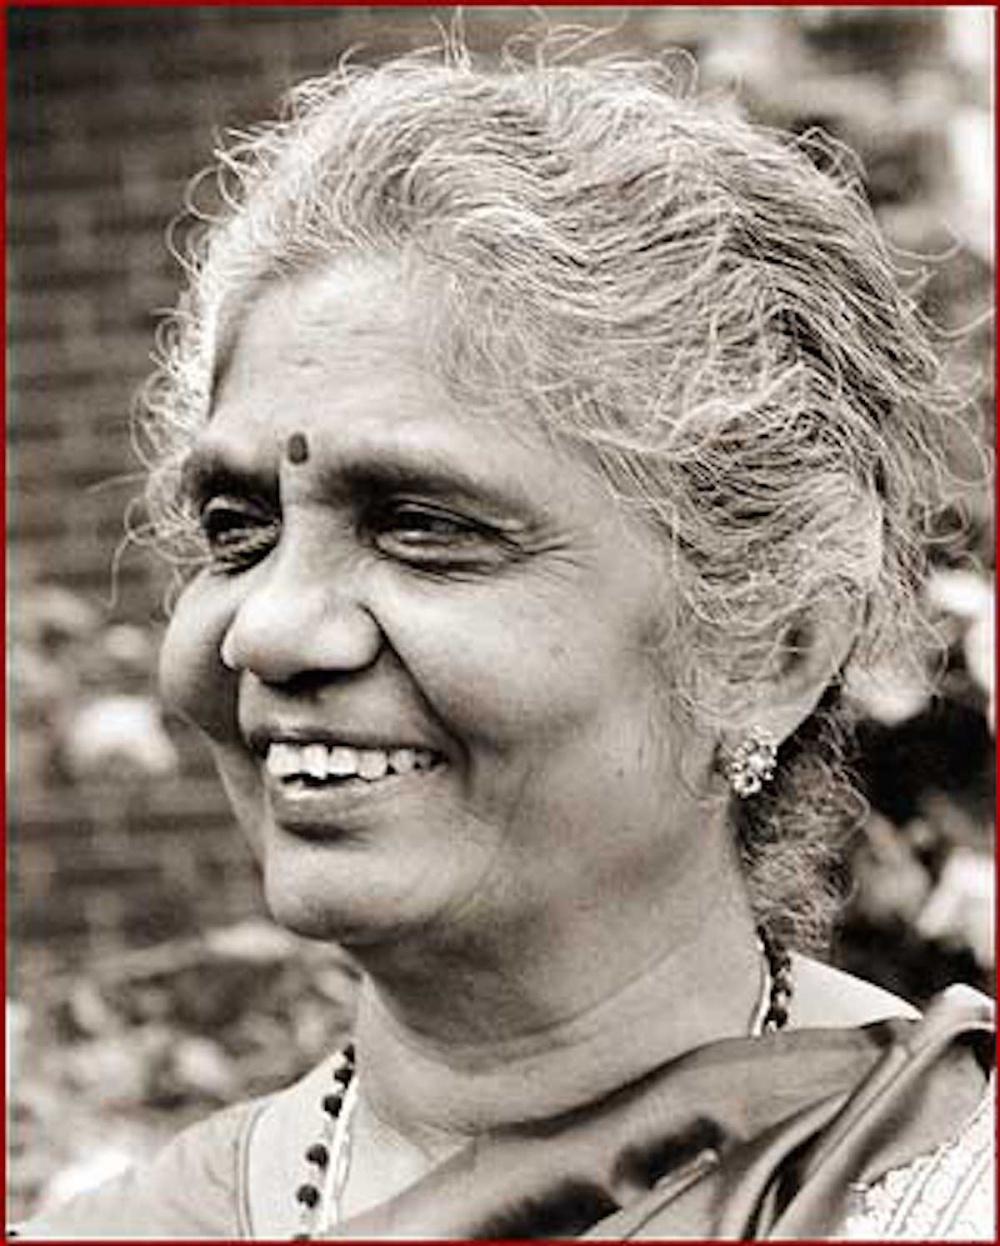 Irene Borins Ash, Kanjana Brodie (Sri Lanka), 1999